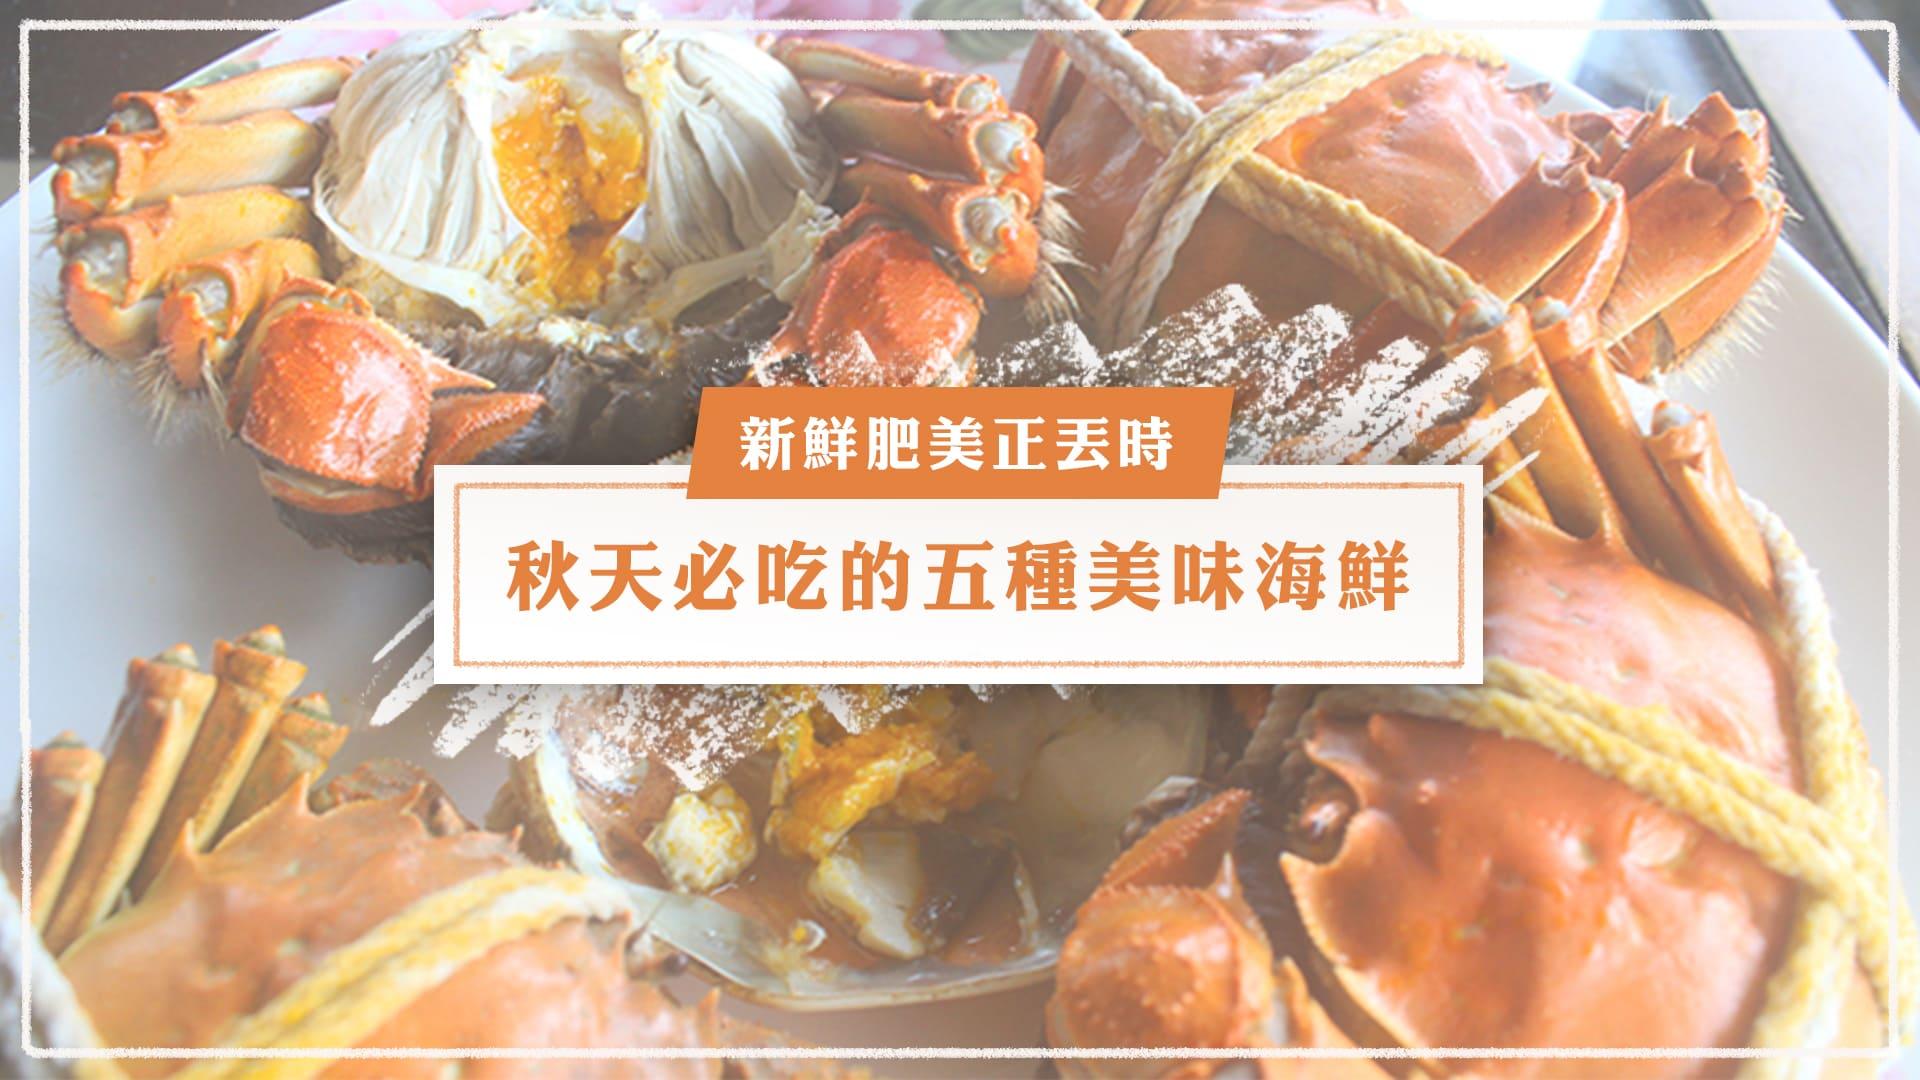 秋天必吃的 5 種海鮮,大啖肥美海鮮才夠味!饕客必看全攻略